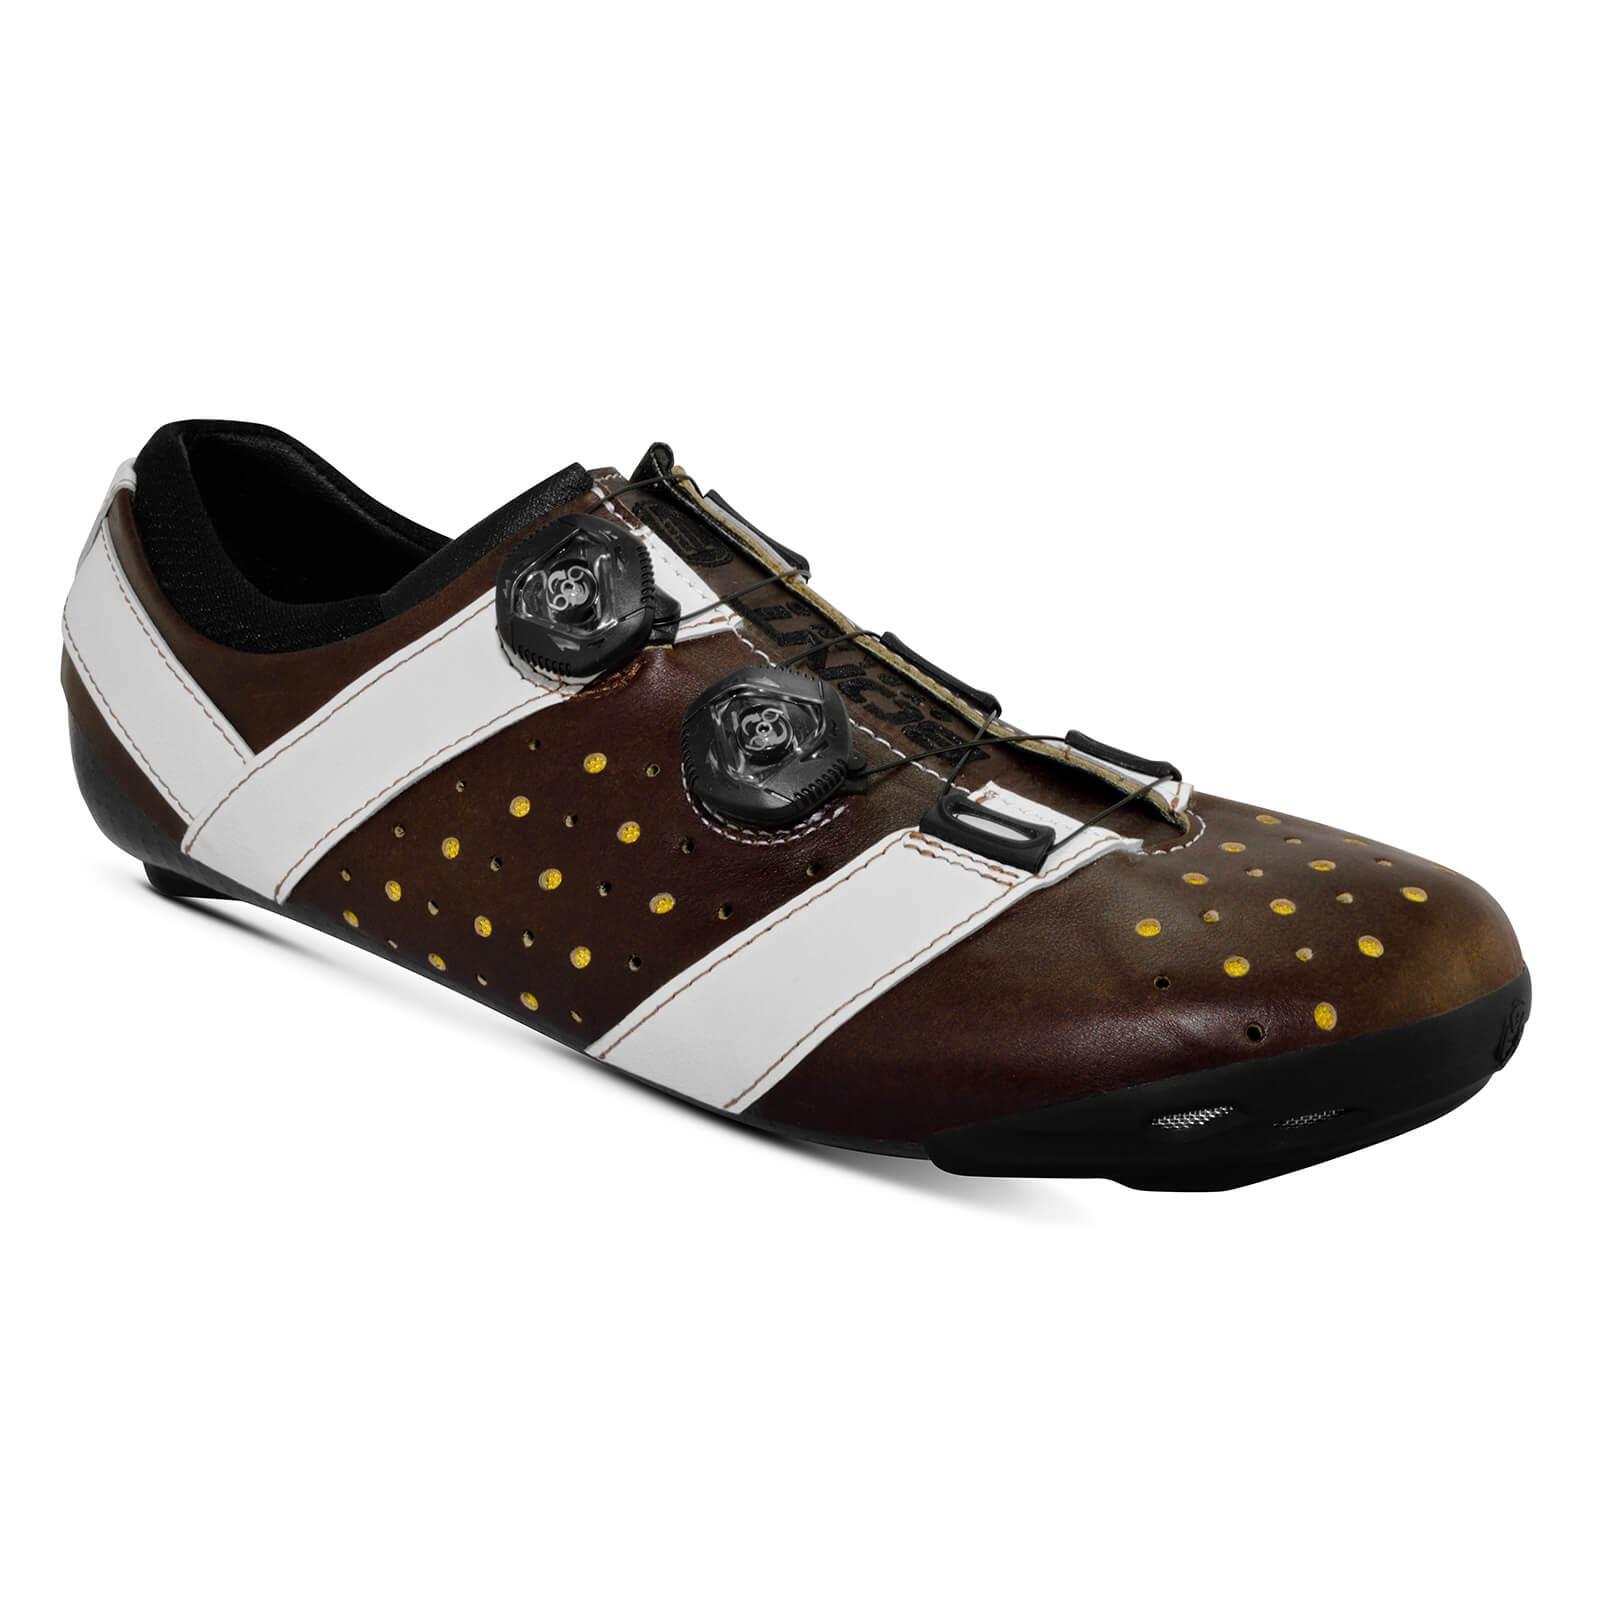 Bont Vaypor + Road Shoes - EU 42 - Normal Fit - Brown/White